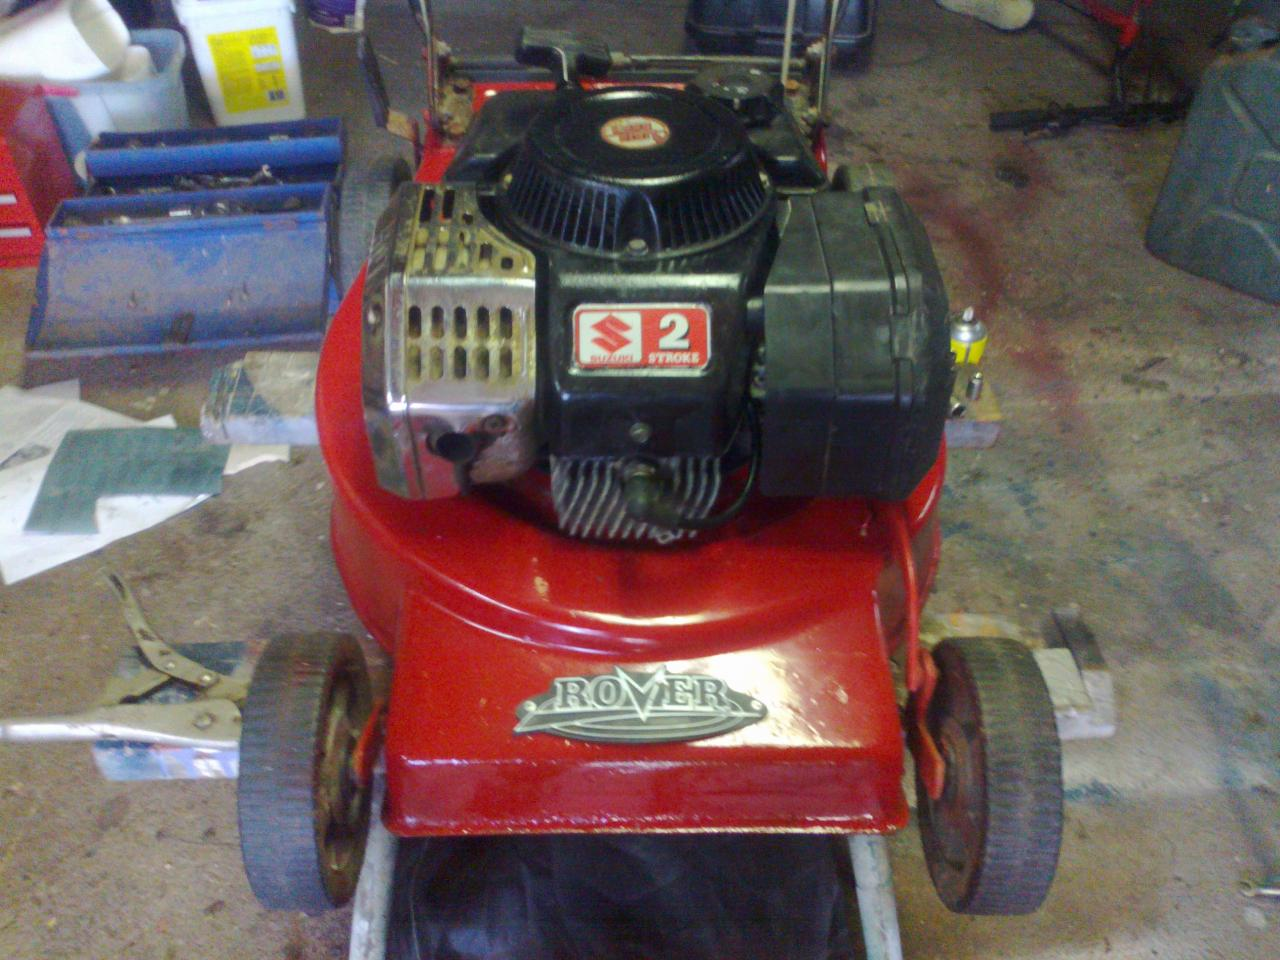 rover es200 lawn mower repair manual